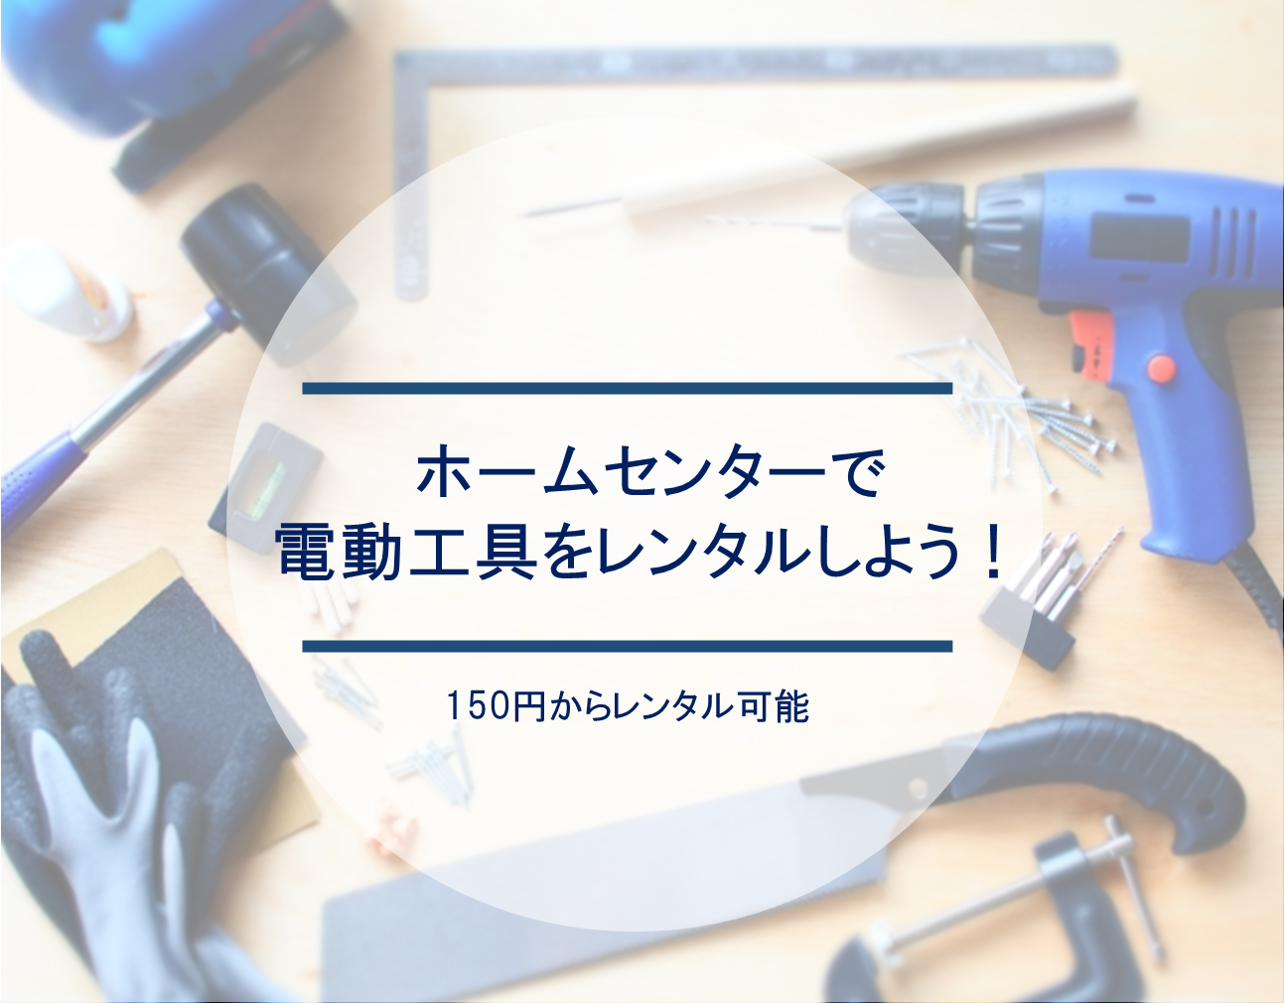 ホームセンターレンタル工具